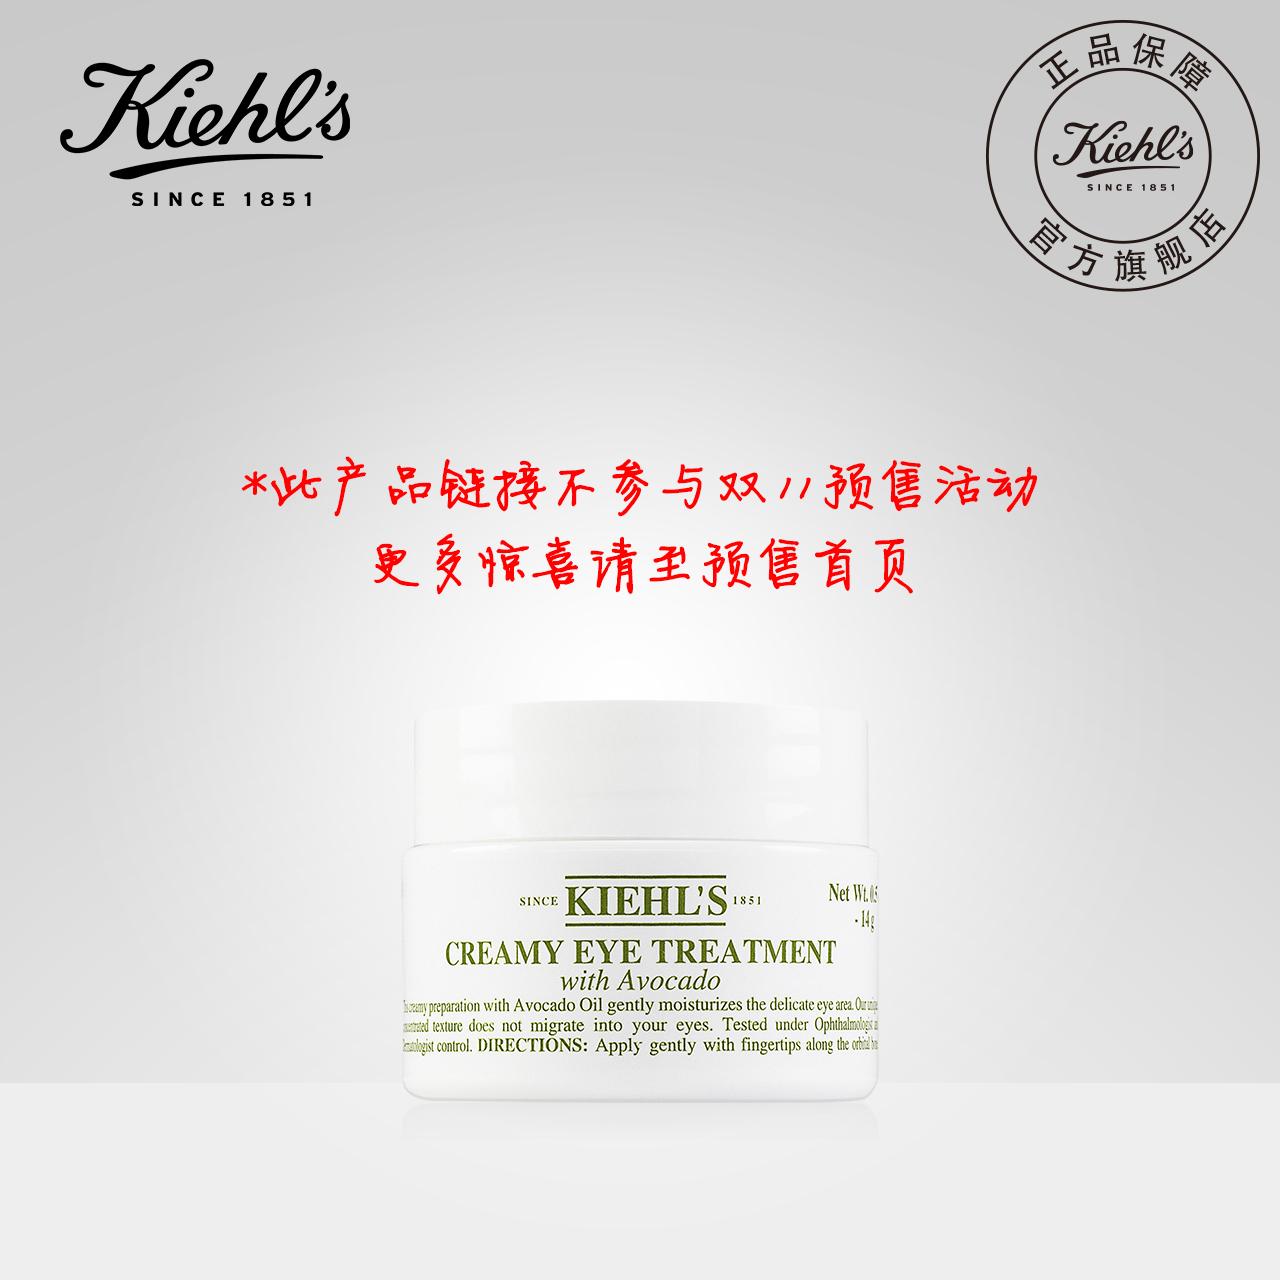 【双11狂欢提前加购】Kiehl's科颜氏牛油果保湿眼霜14g 舒缓眼周